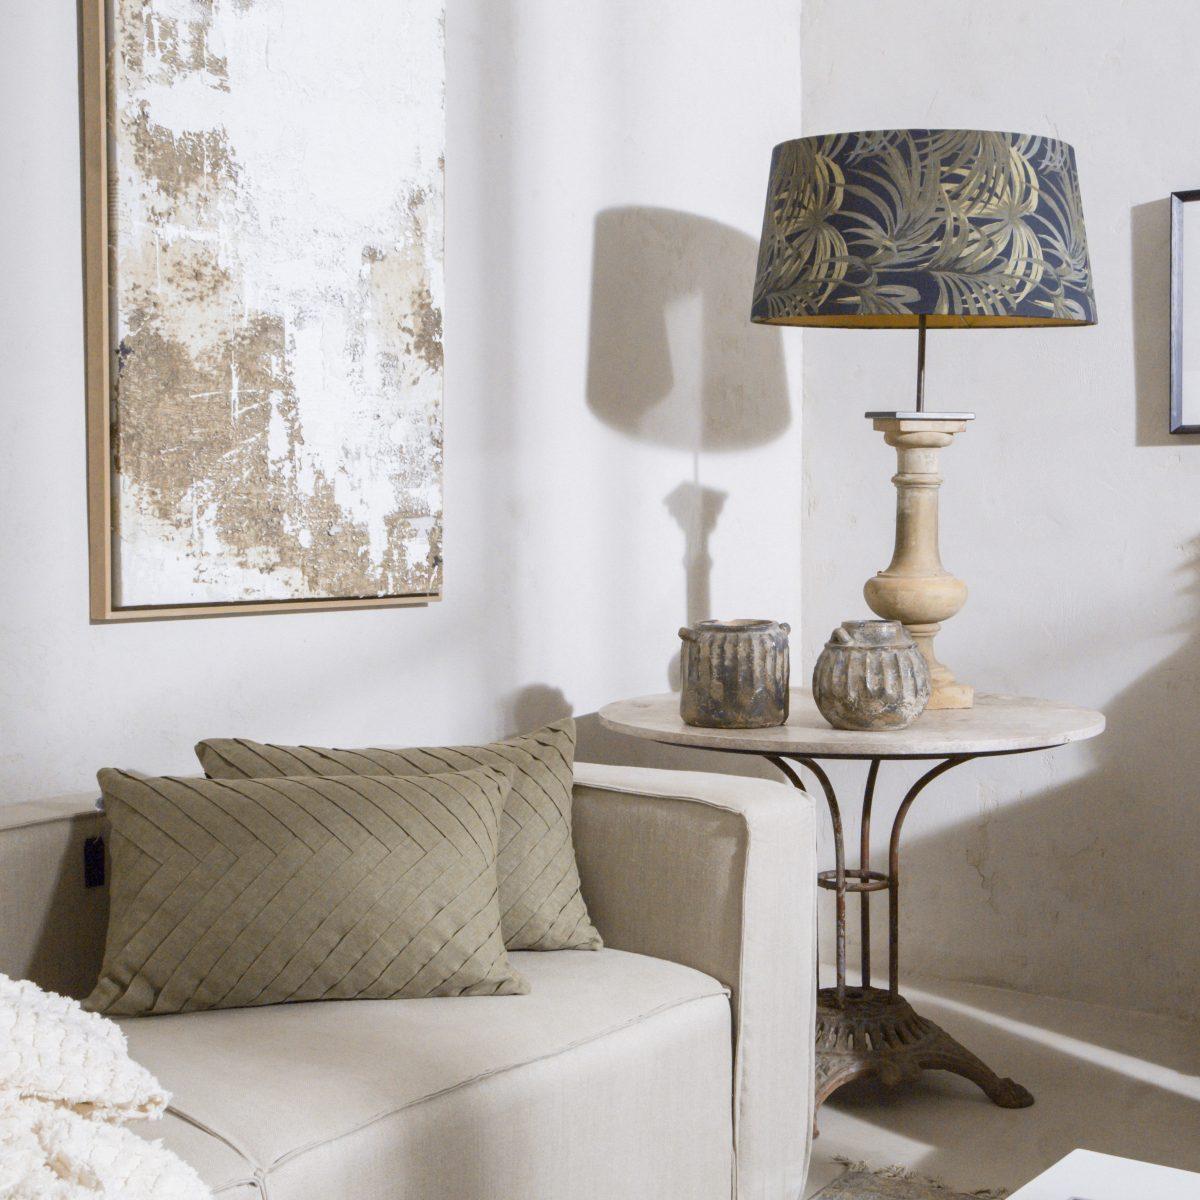 Pantalla de lino con estampado de palmeras de 55x34cm